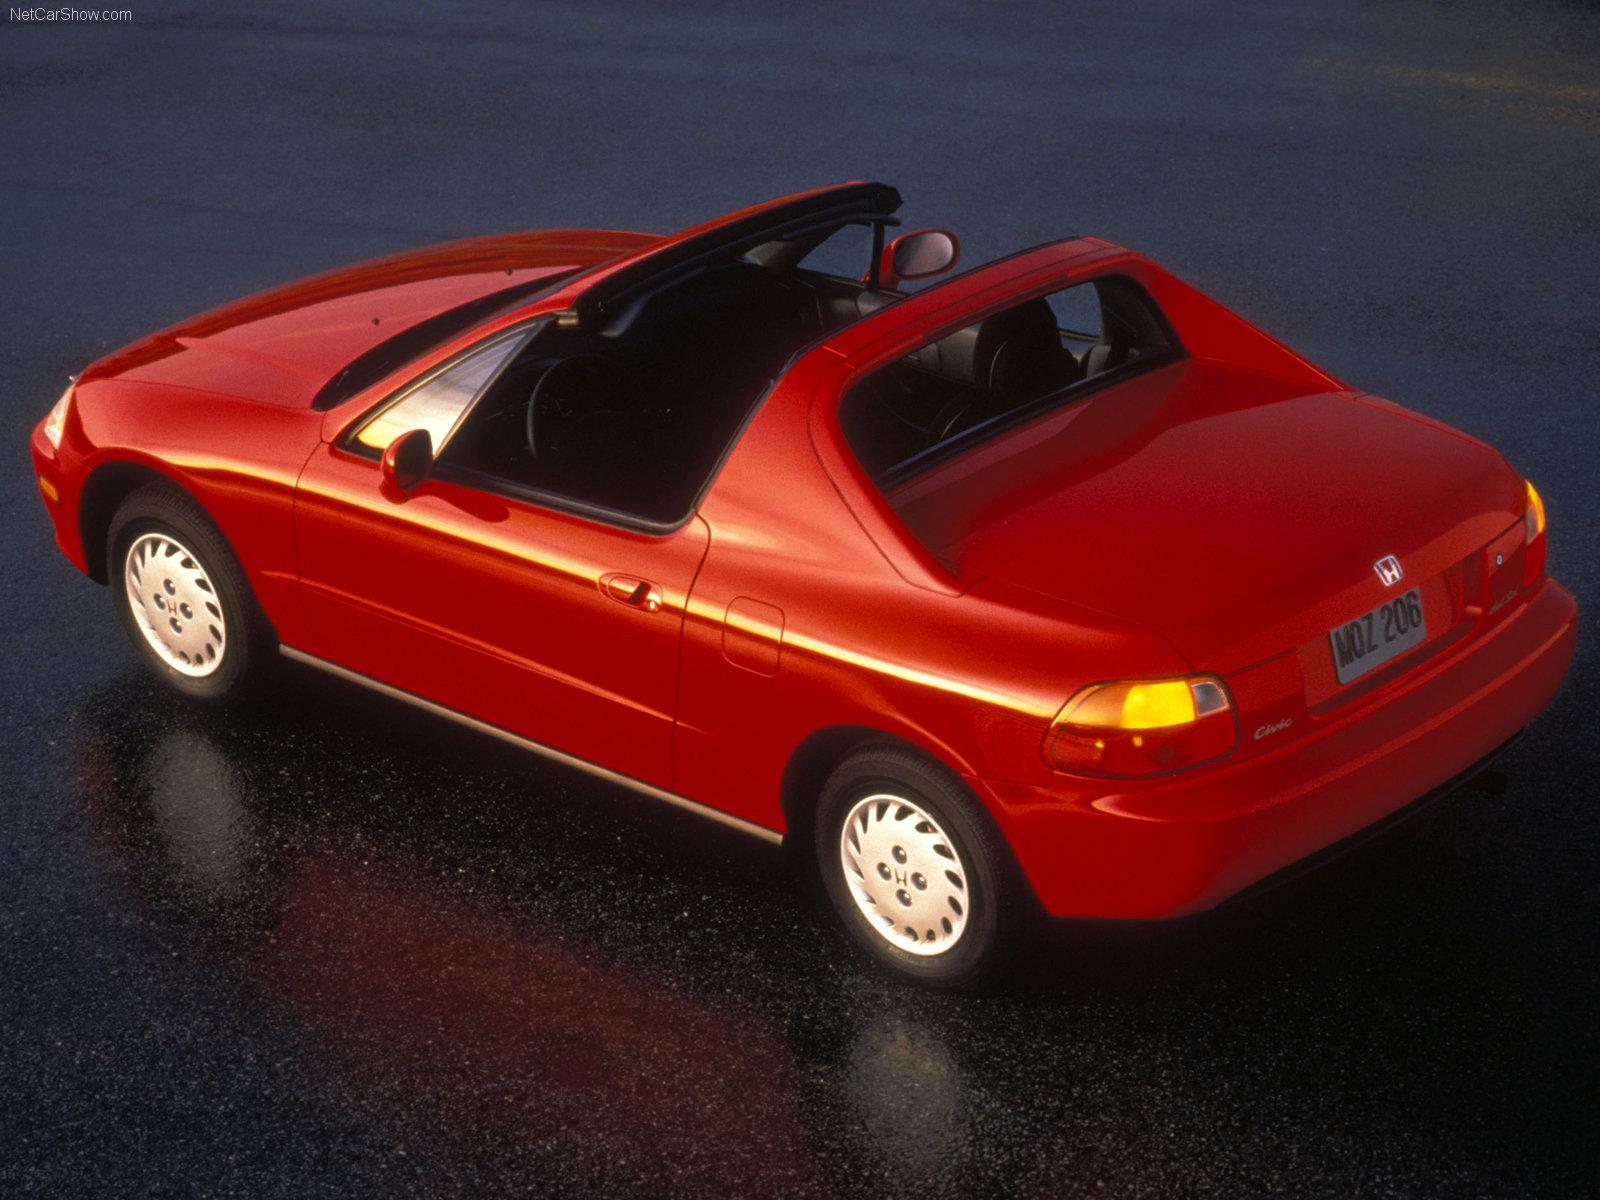 honda cr x del sol sir coupe 1995